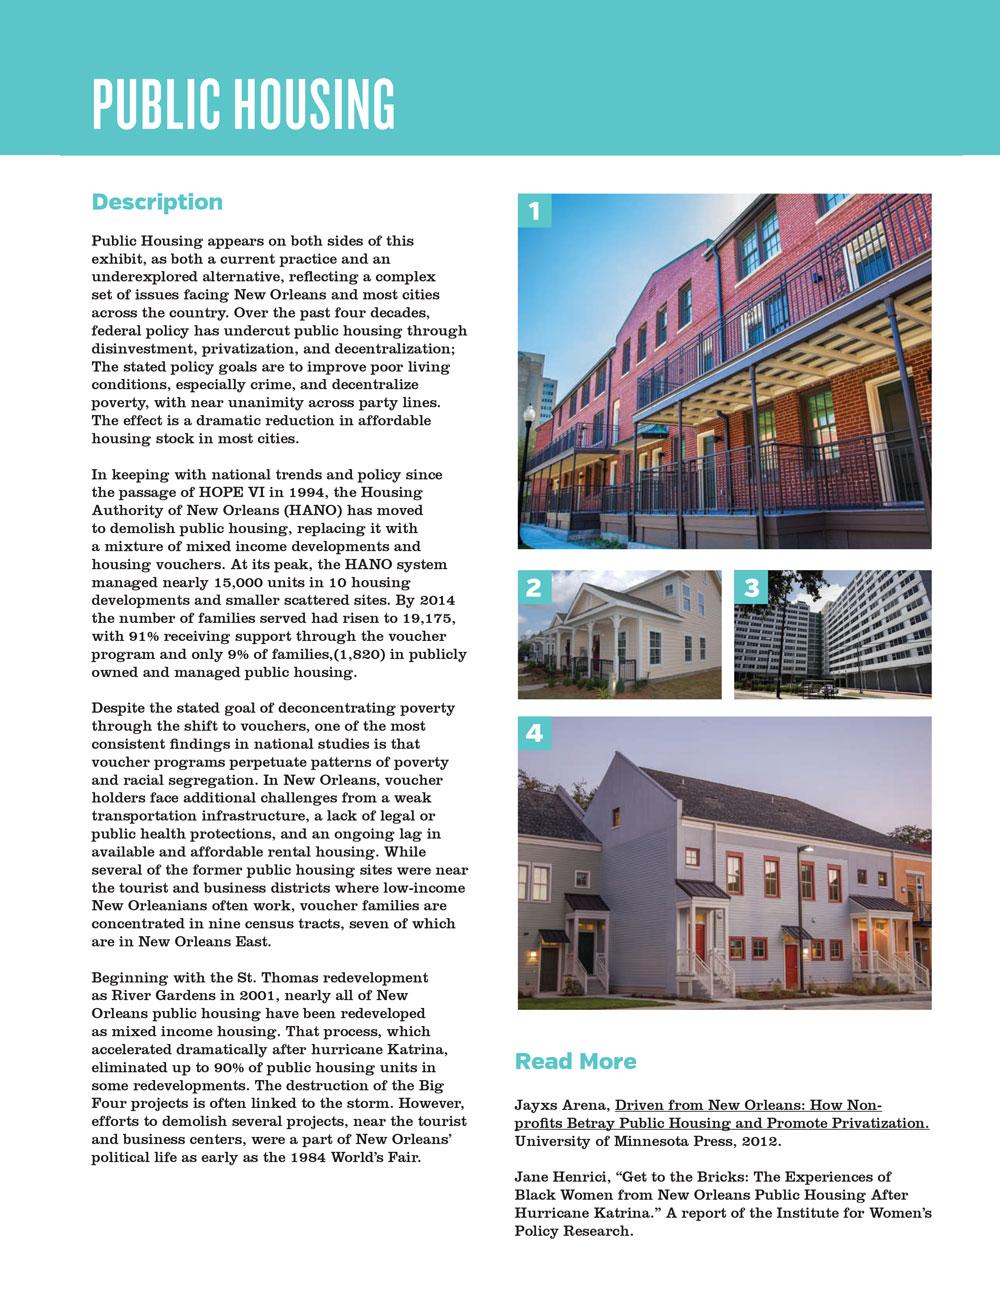 publichousing2.jpg